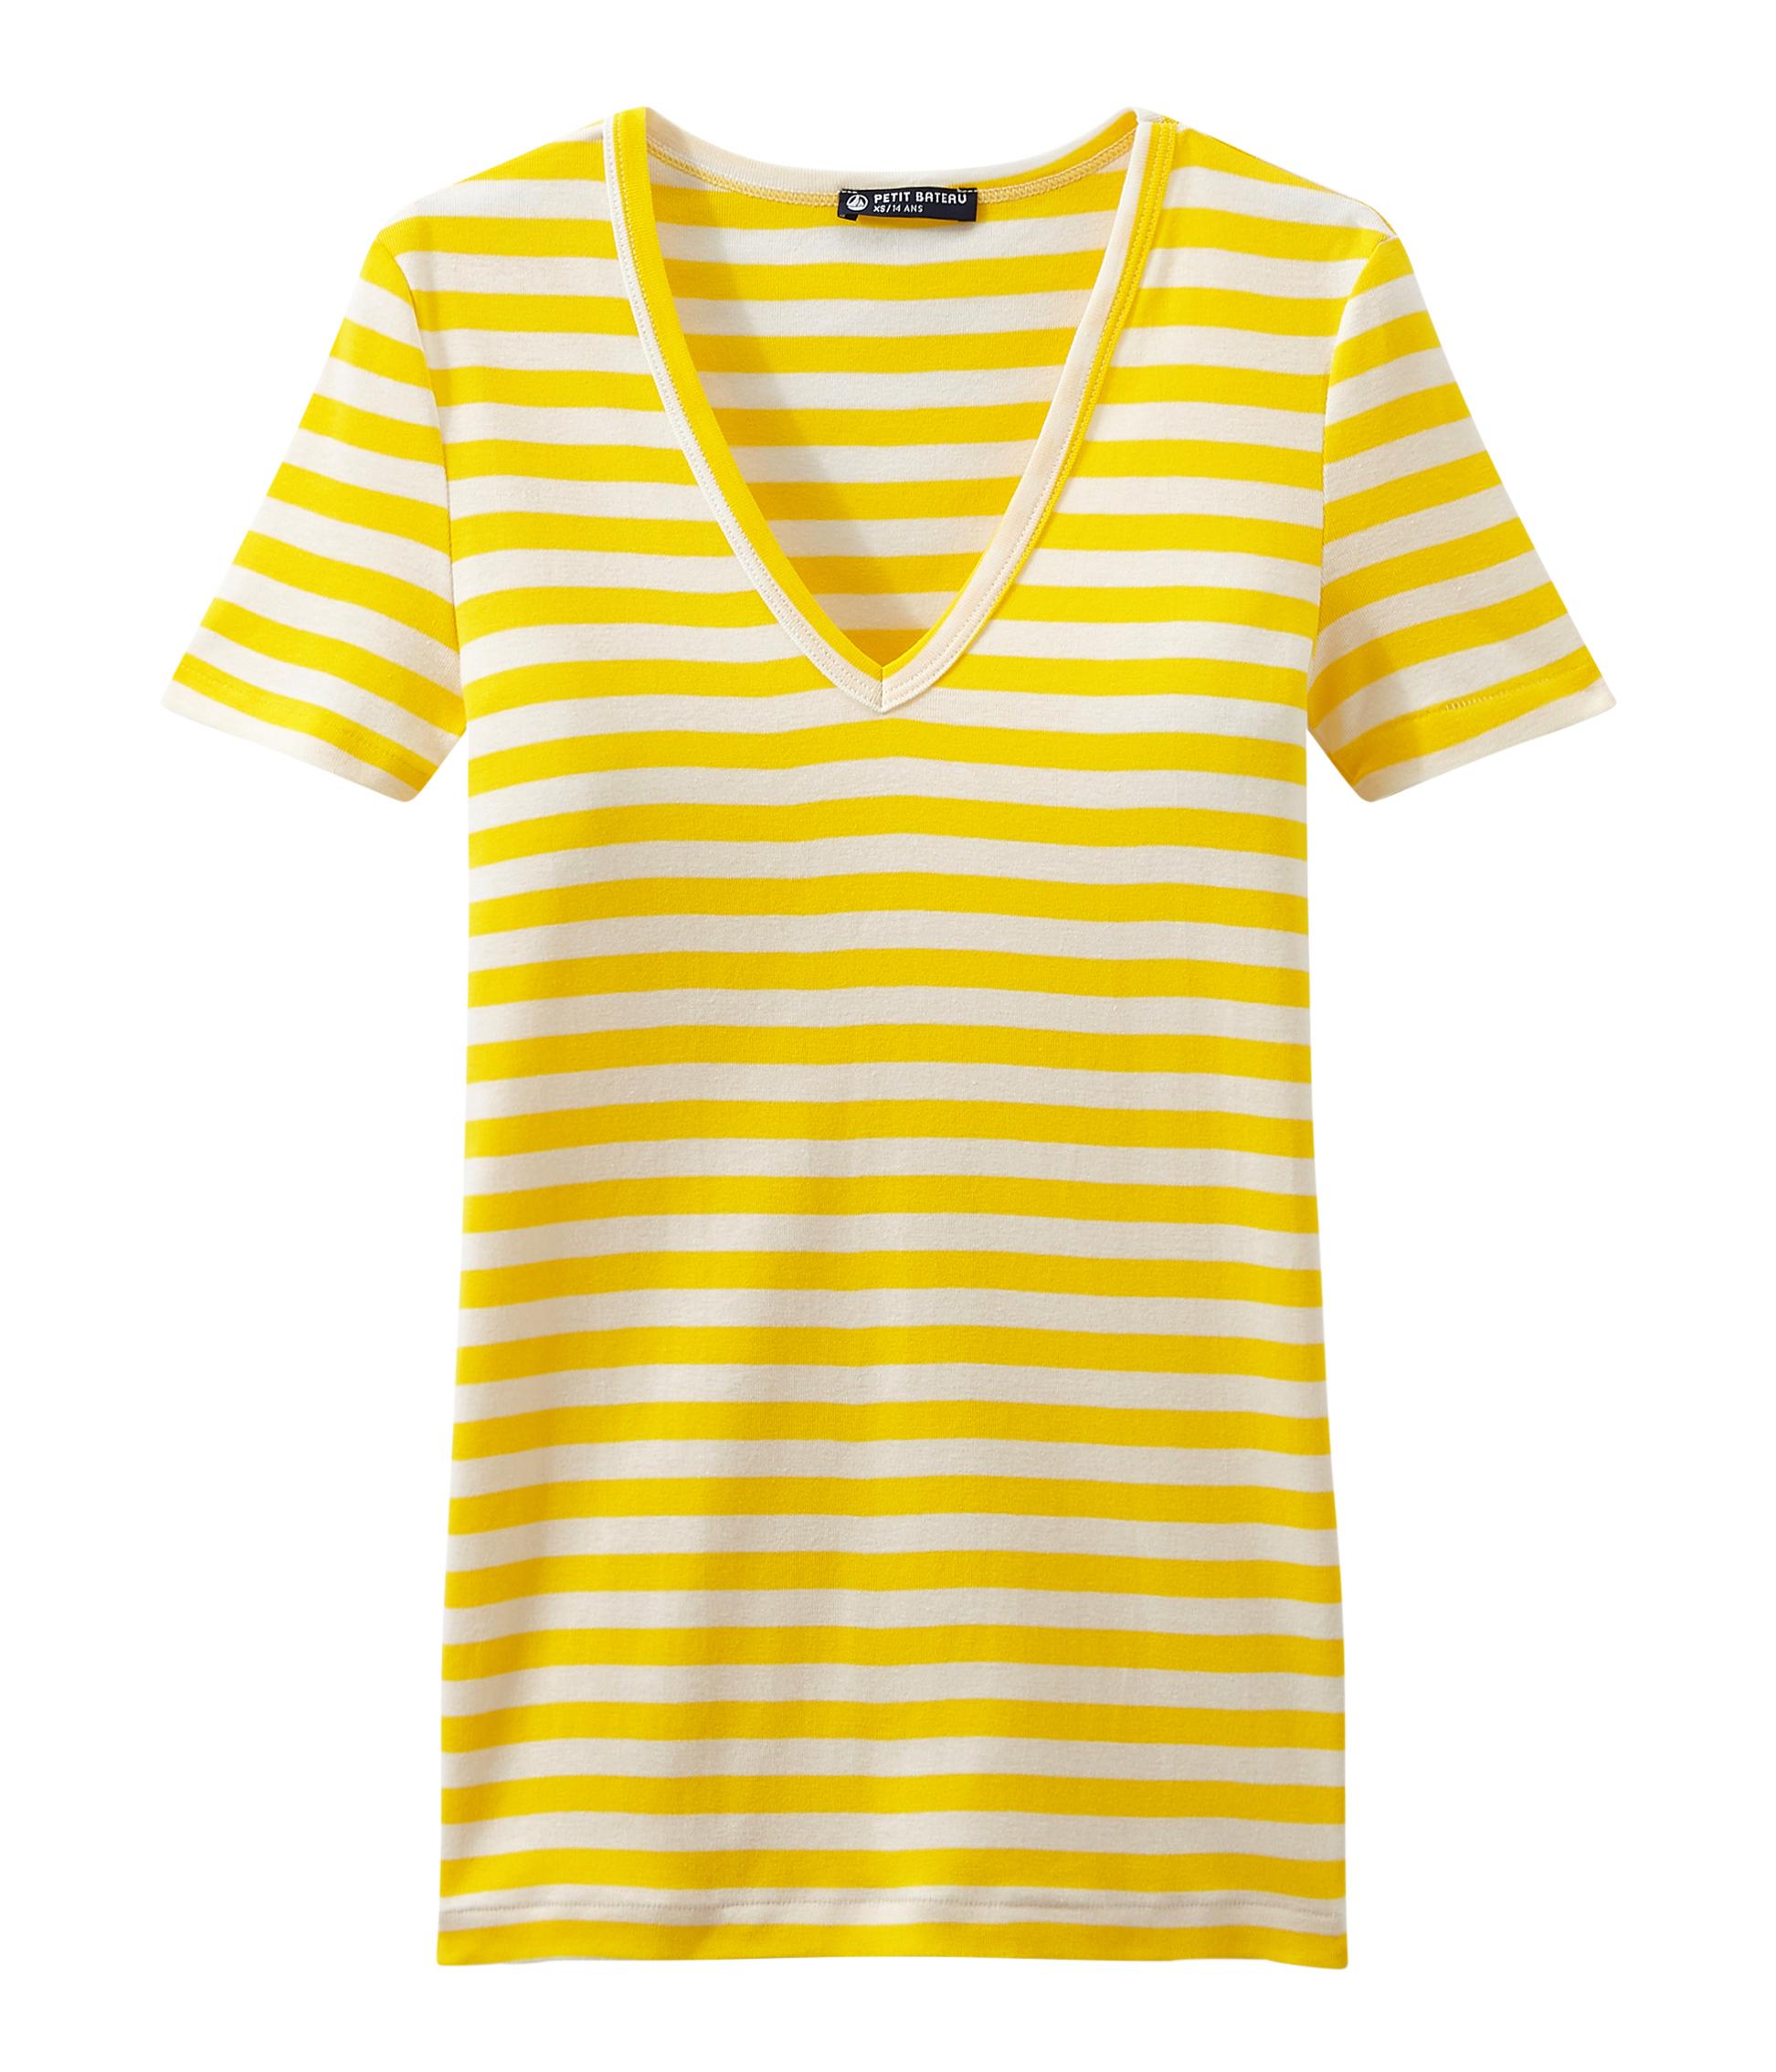 Seulement £ 19.99 * Rois ne rêve Junior jifton T-shirt en voile noir//blanc//Fluo